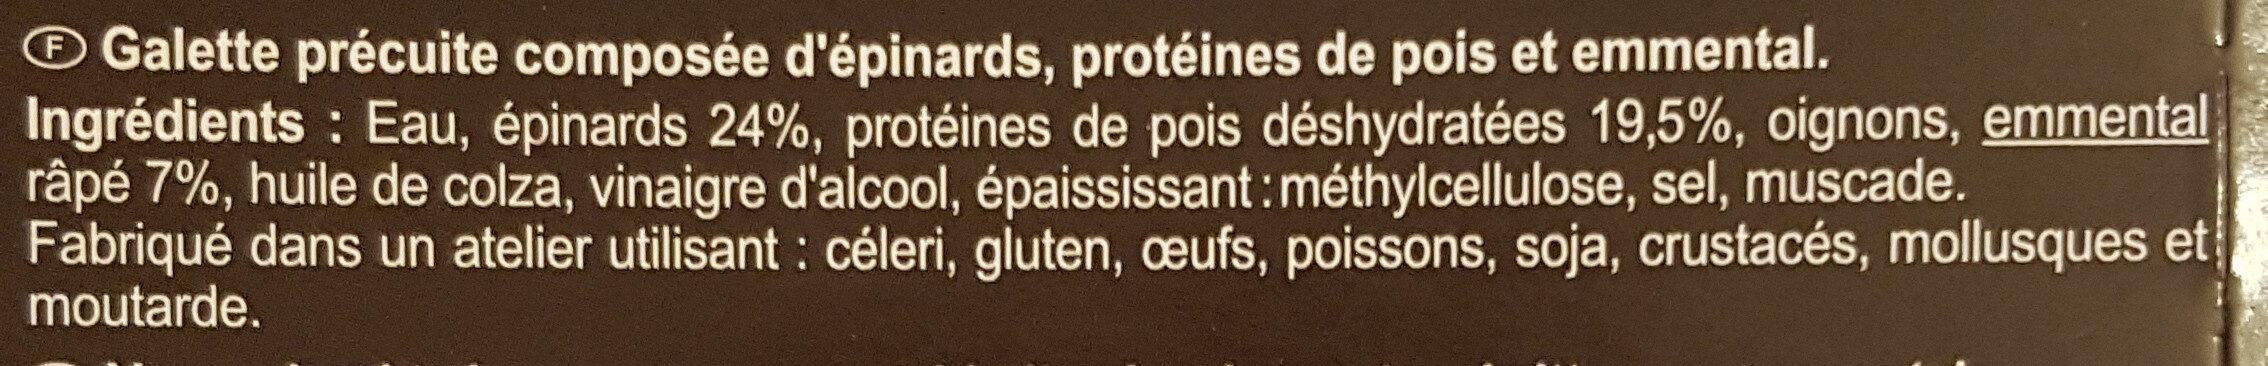 Galettes épinard, pois, emmental - Ingrediënten - fr